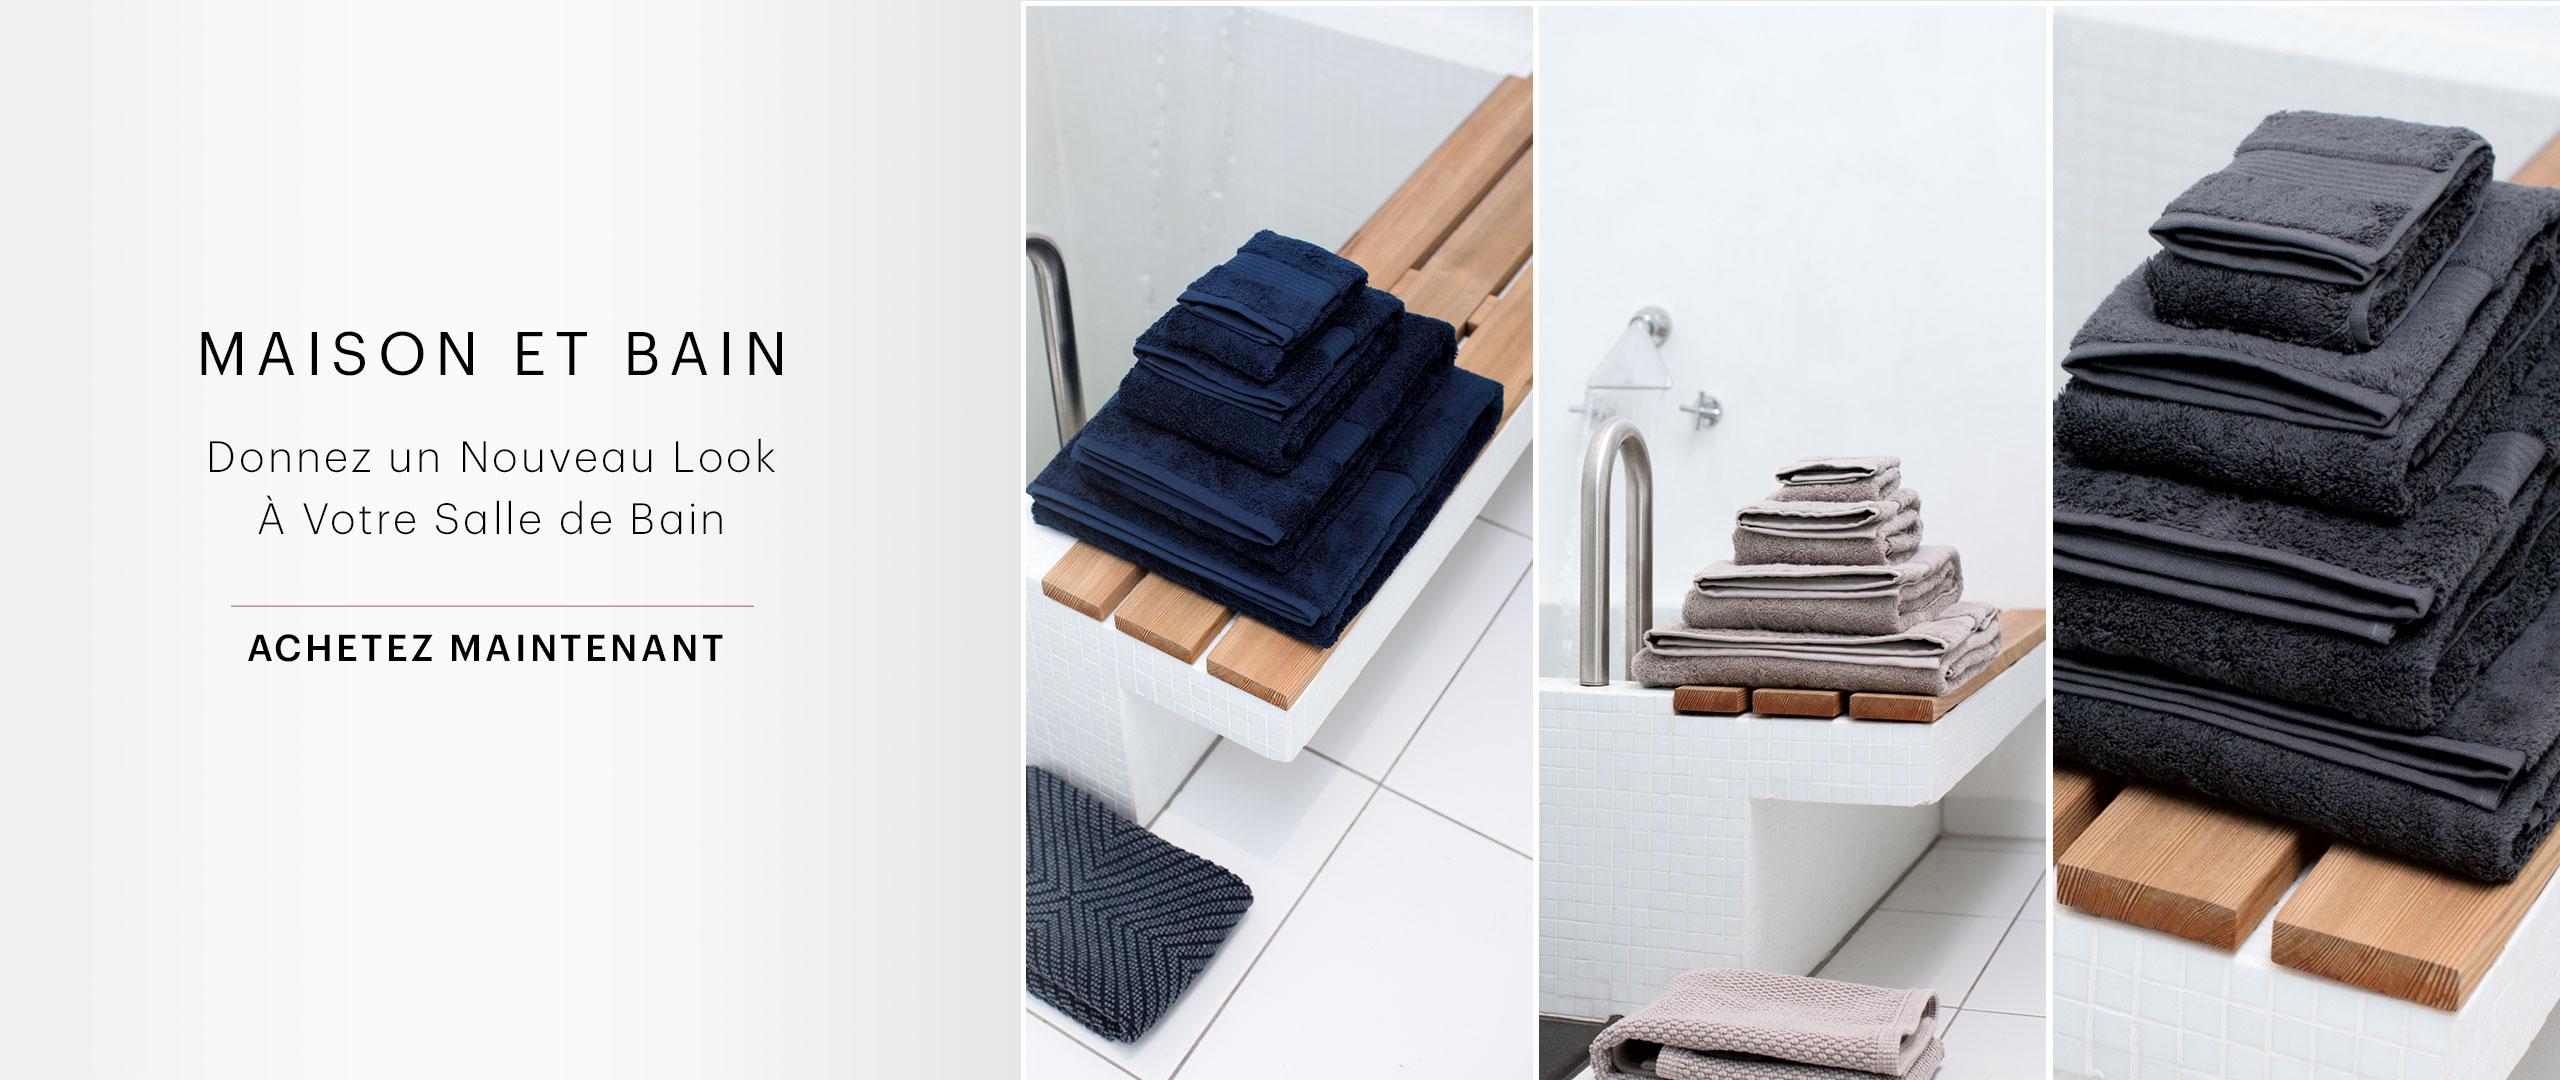 BEU [FR] - Home & Bath Category